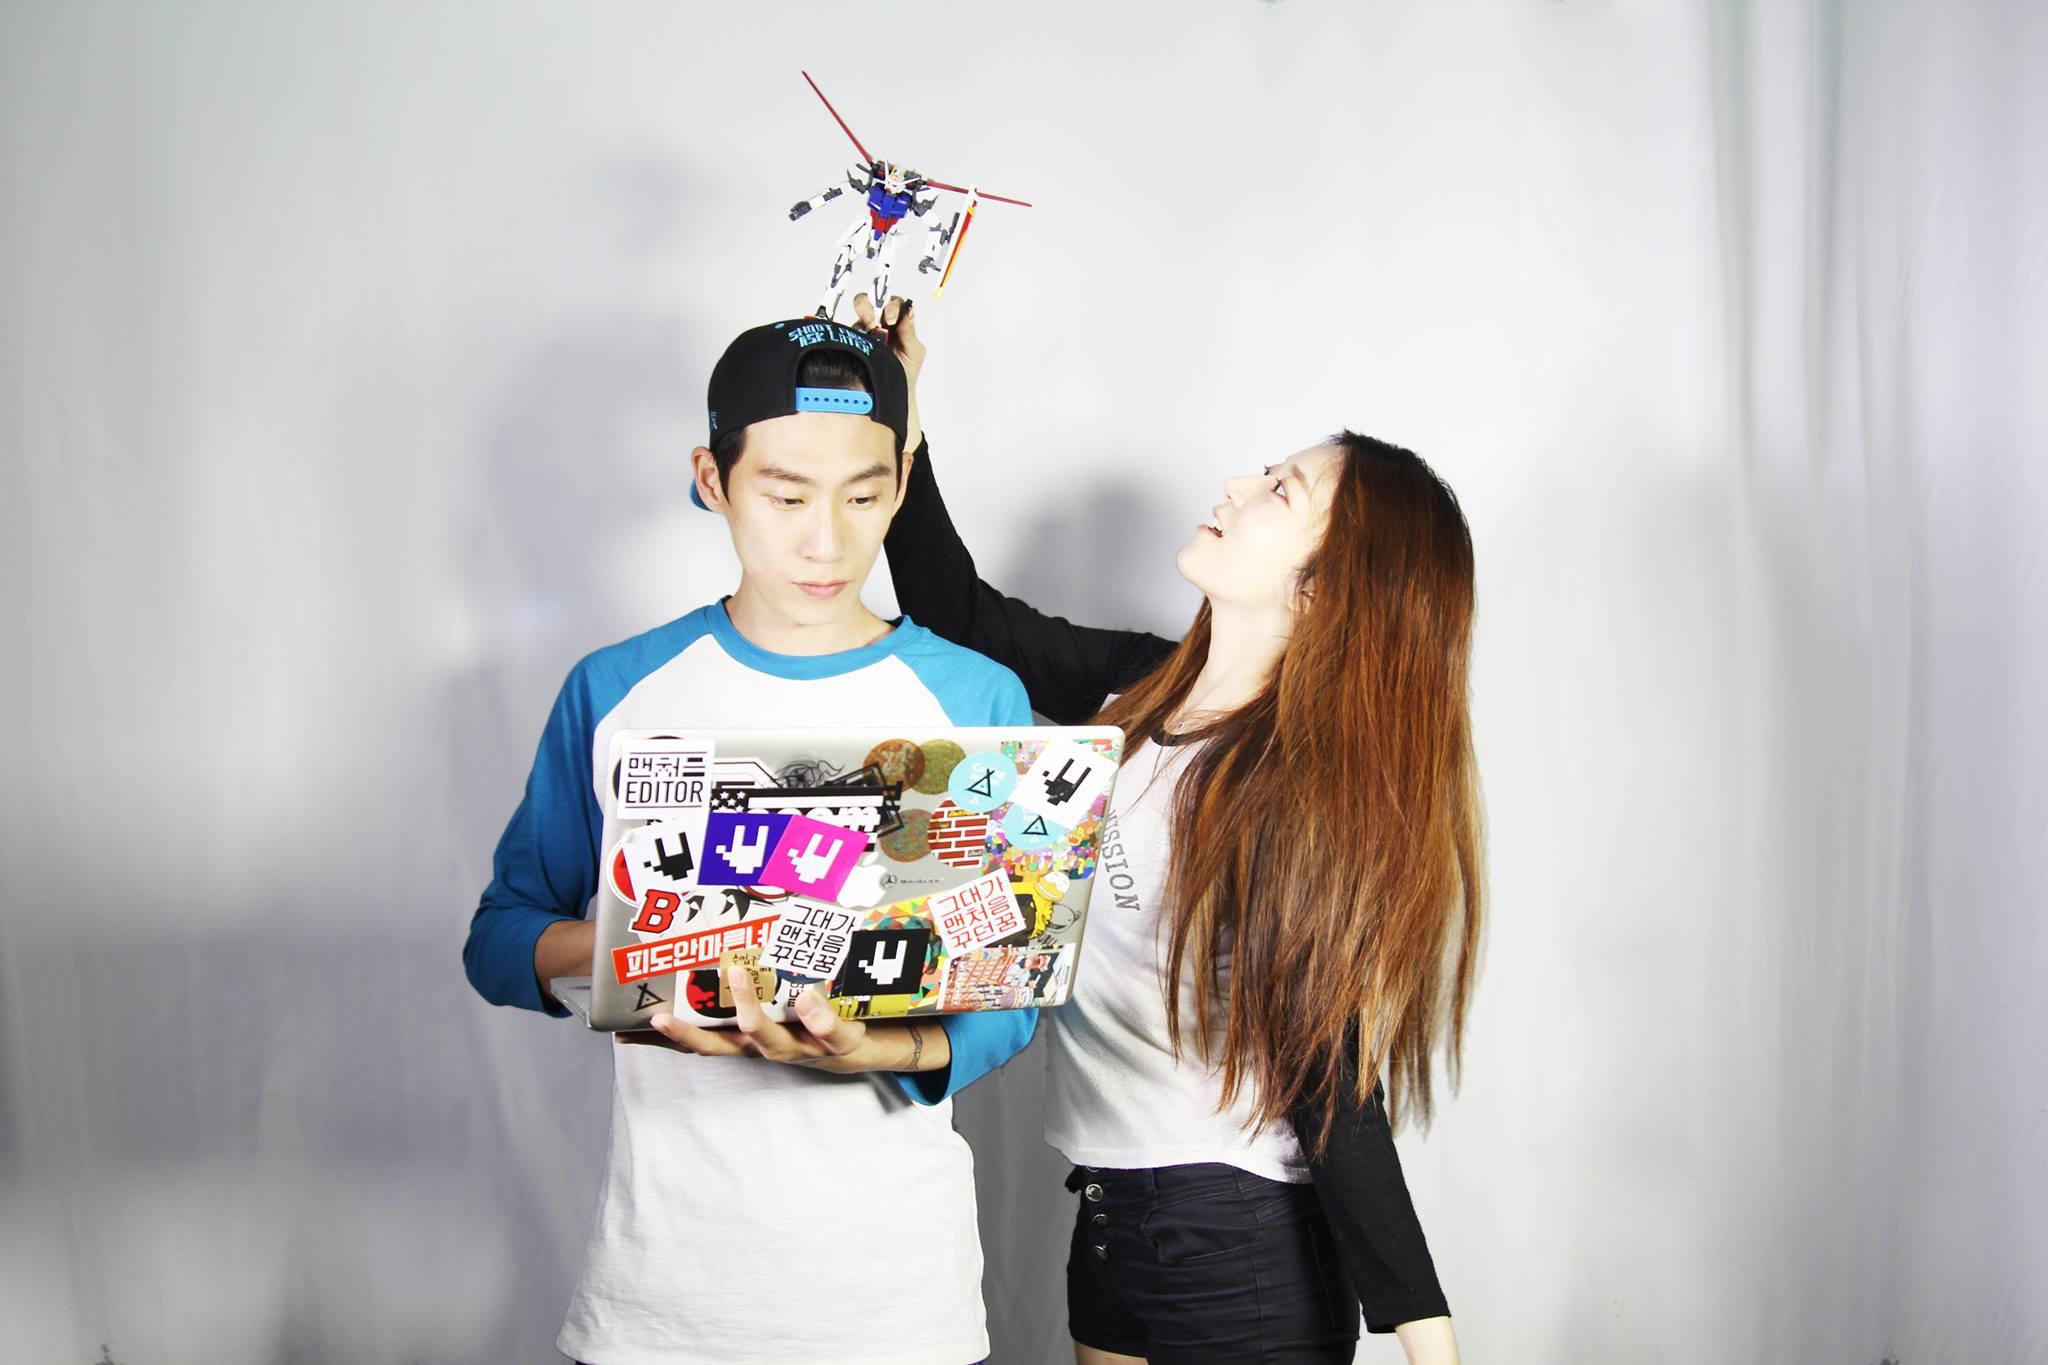 兩人都是藝術家,在韓國與國外都有展示過很多出眾的作品 喜歡做東西的她與喜歡電腦的他 她擅長設置美術,他擅長New Media Art